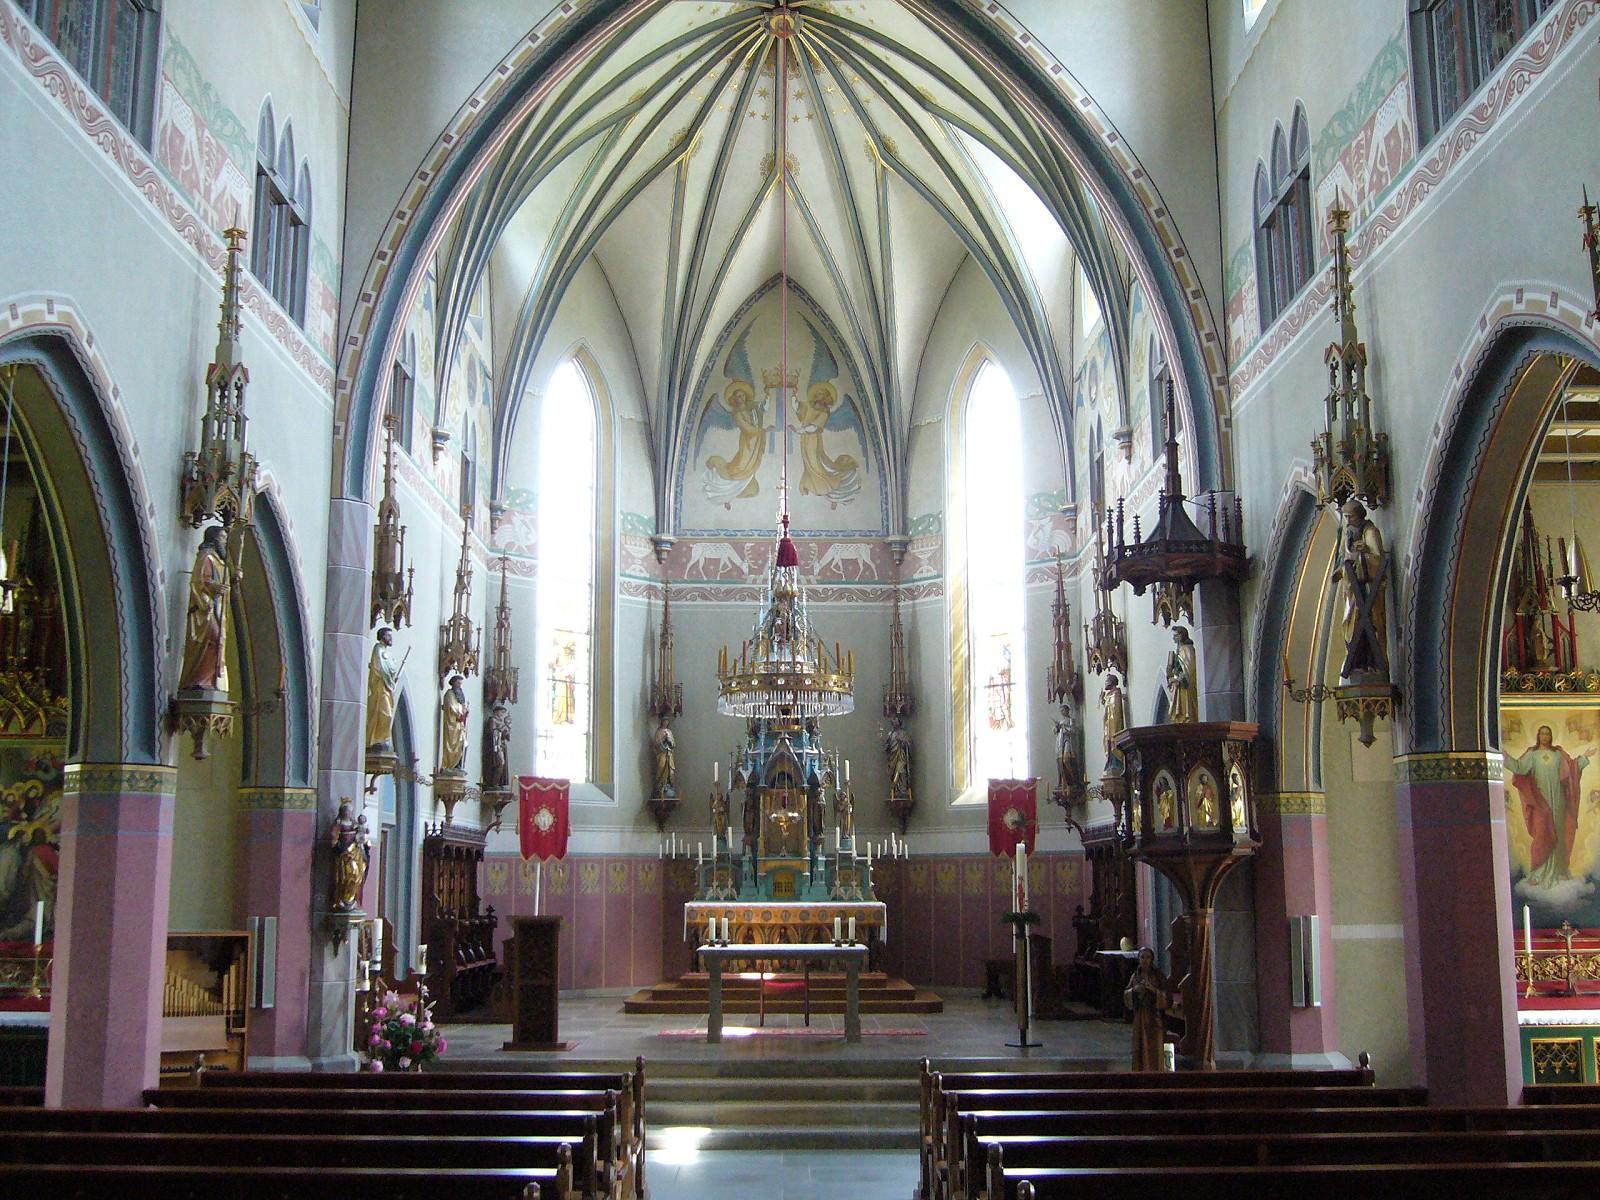 Bilder zu: Gebetszeiten und Gottesdienste